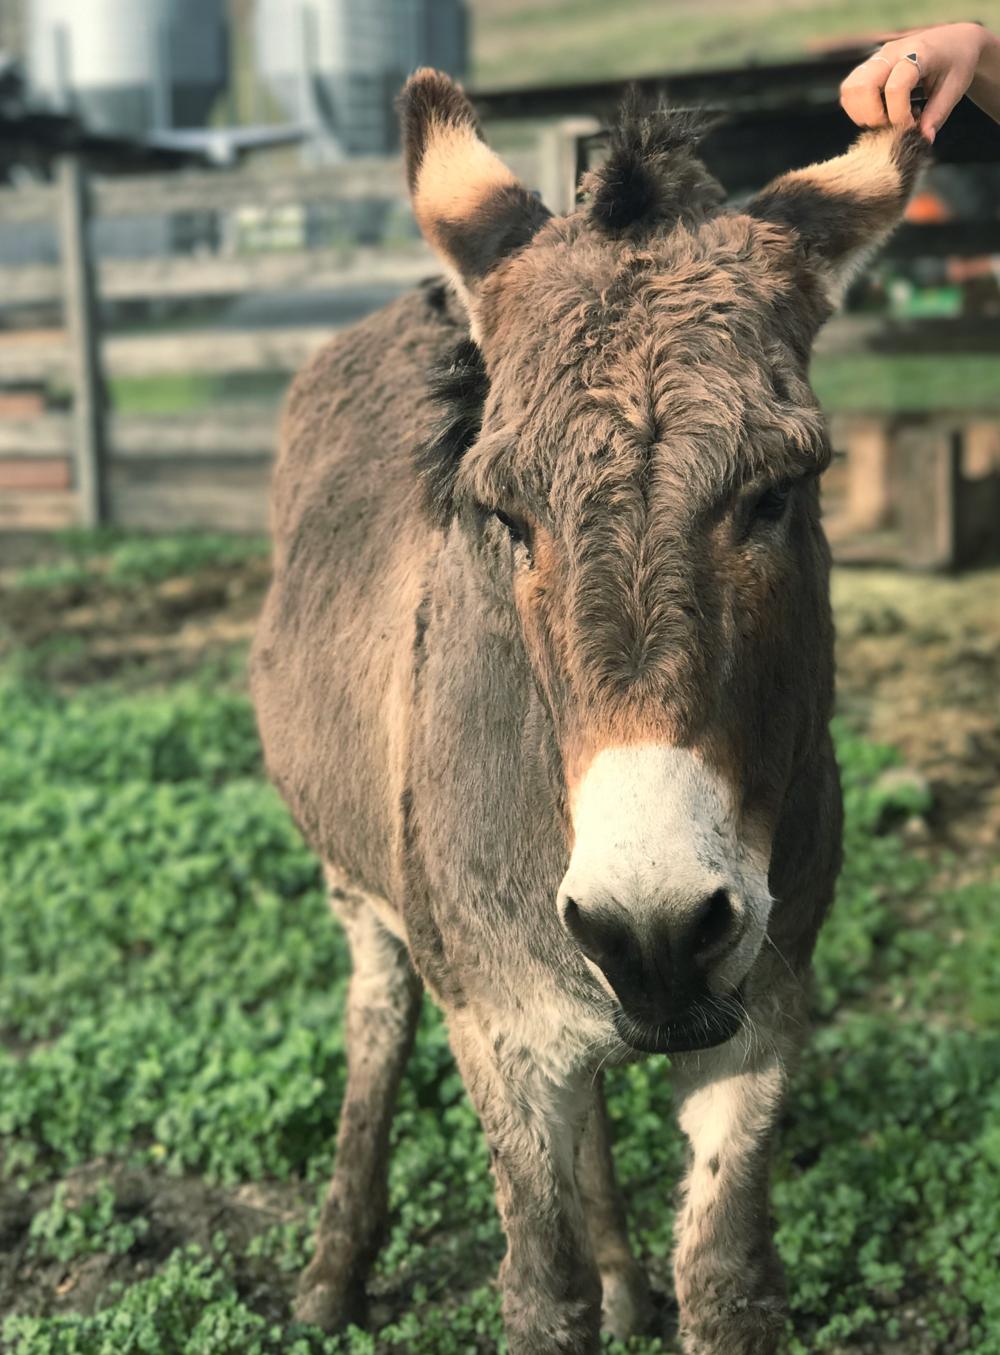 donkey-harley-goat-farms-hoangmnguyen-hobolife